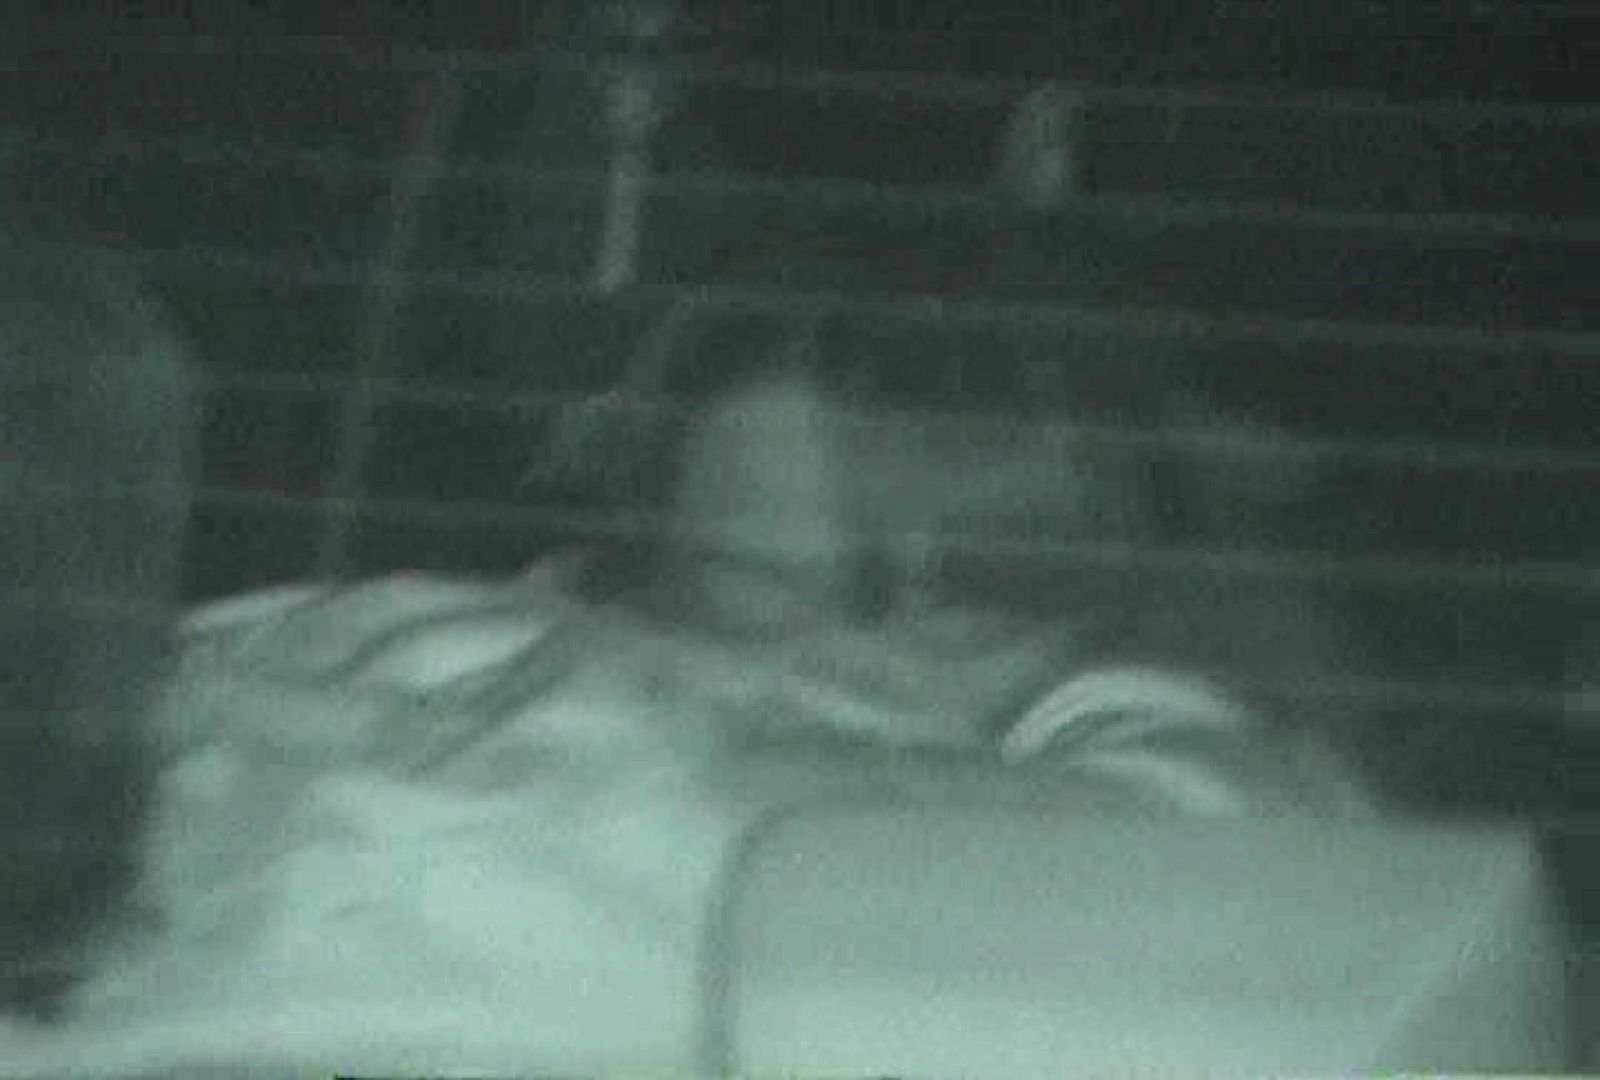 充血監督の深夜の運動会Vol.56 エロティックなOL 盗撮動画紹介 103画像 26